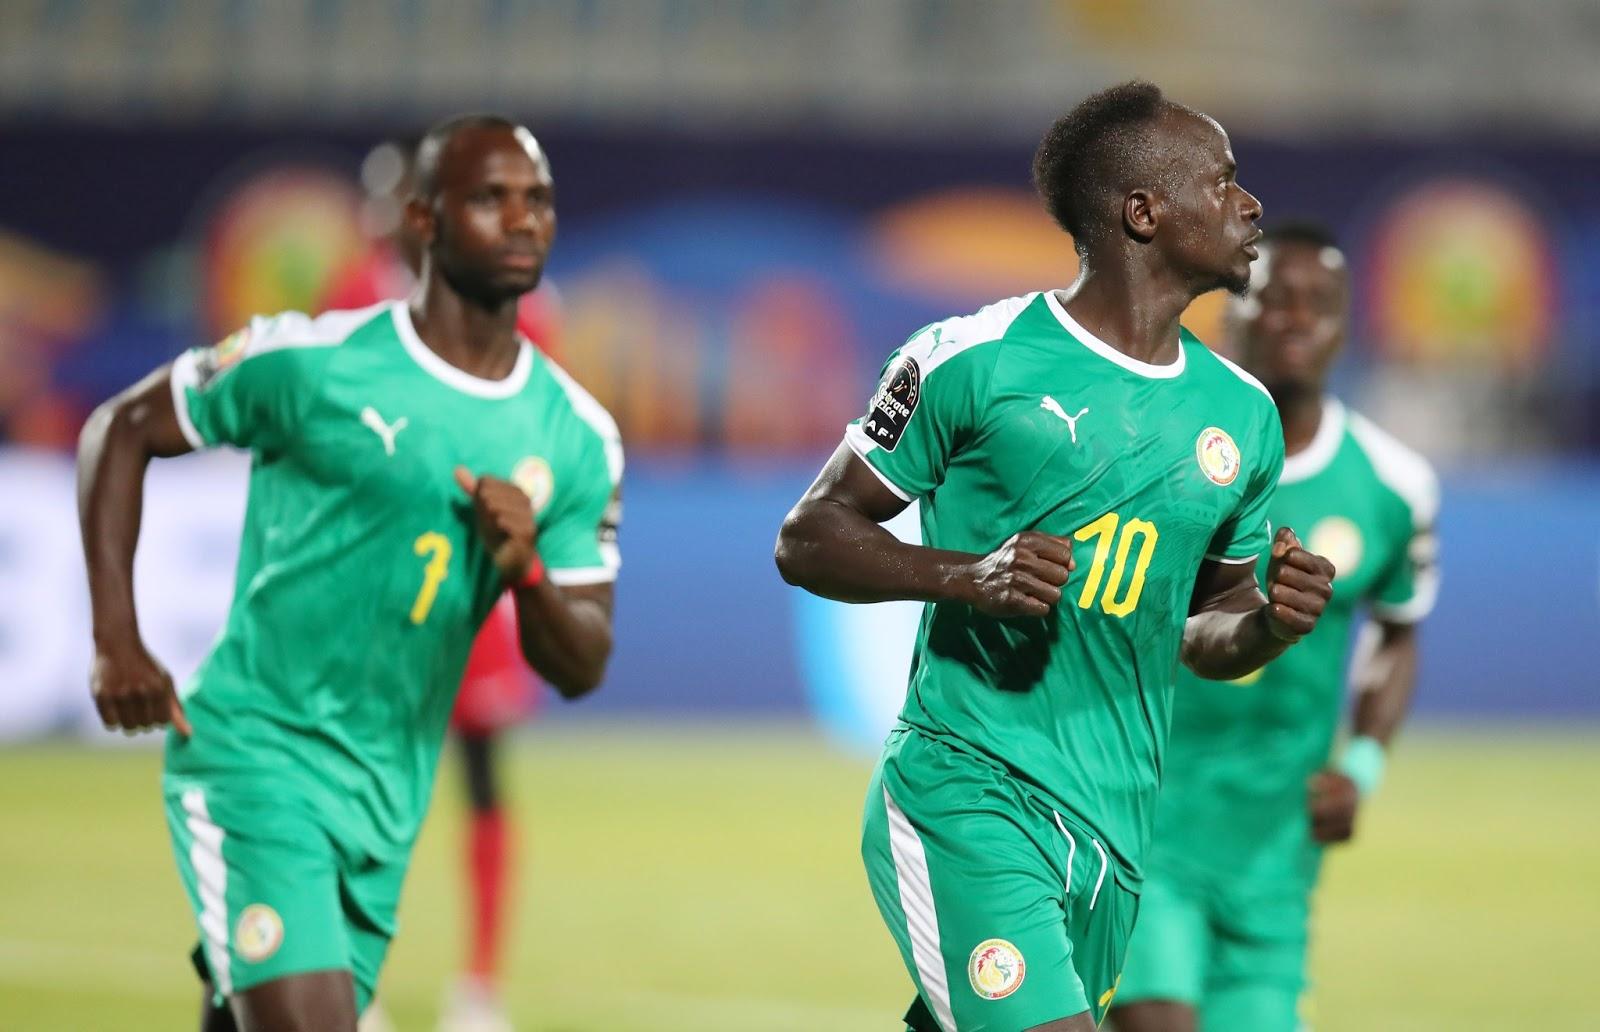 نتيجة مباراة اوغندا والسنغال بتاريخ 05-07-2019 كأس الأمم الأفريقية